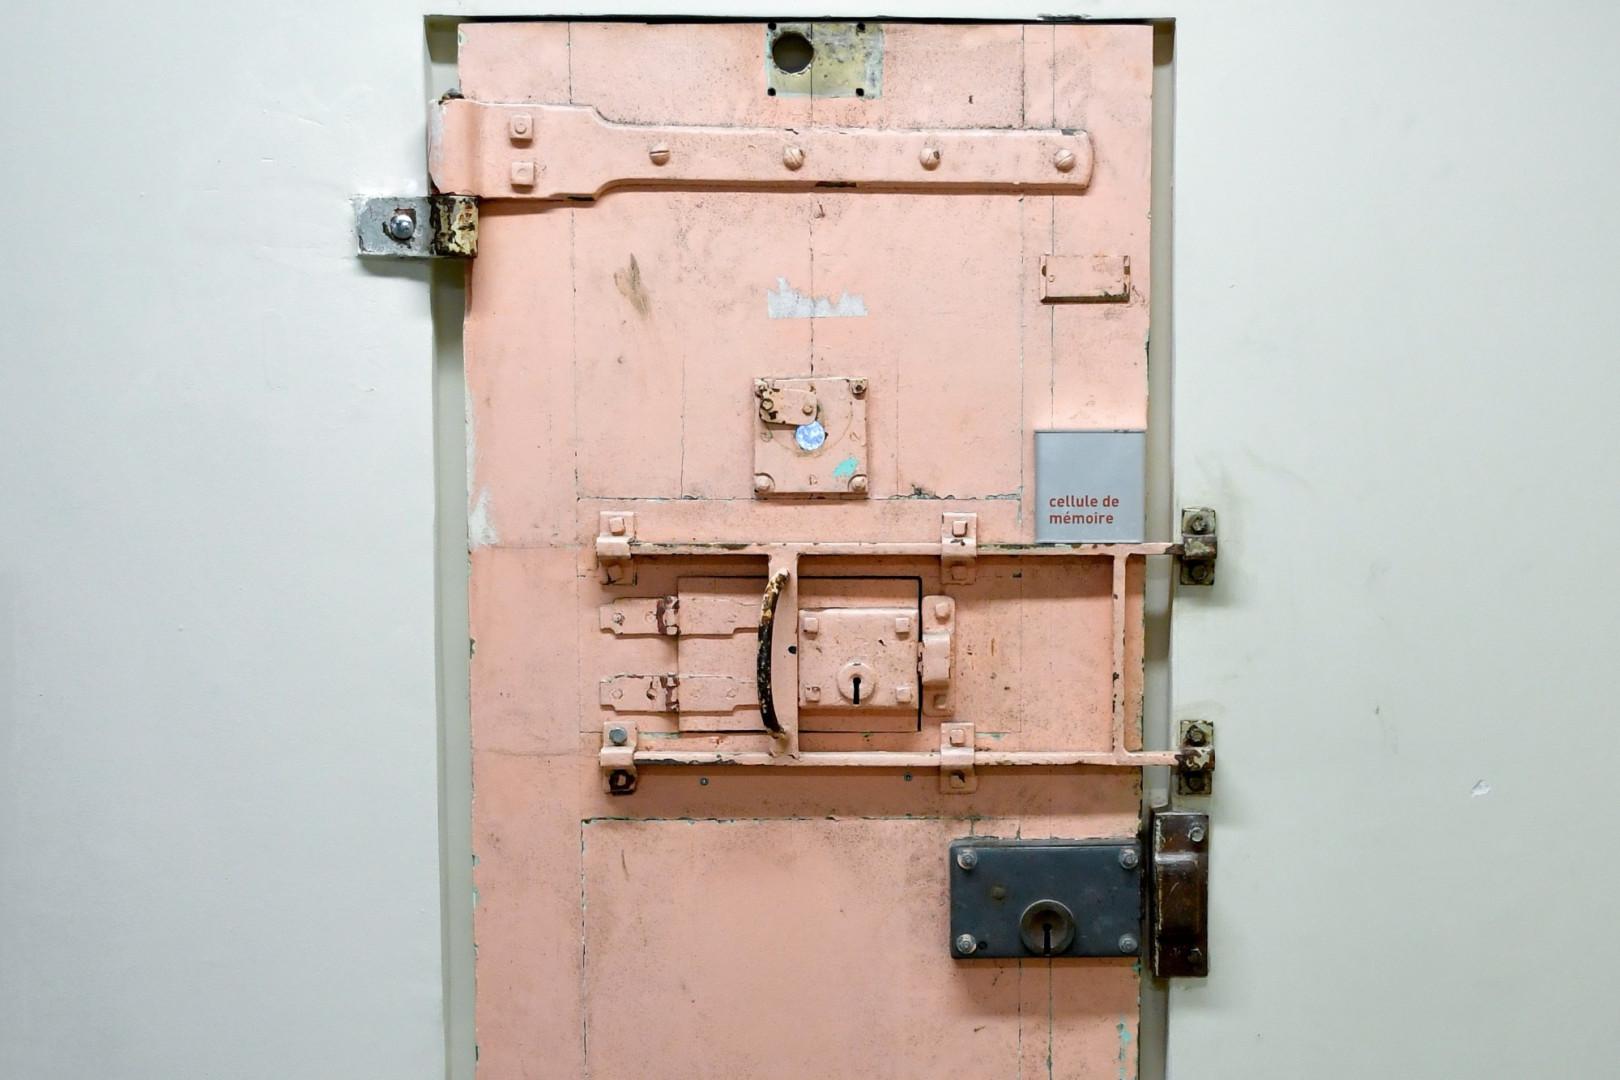 Une porte de cellule de la prison de la Santé, avant sa rénovation